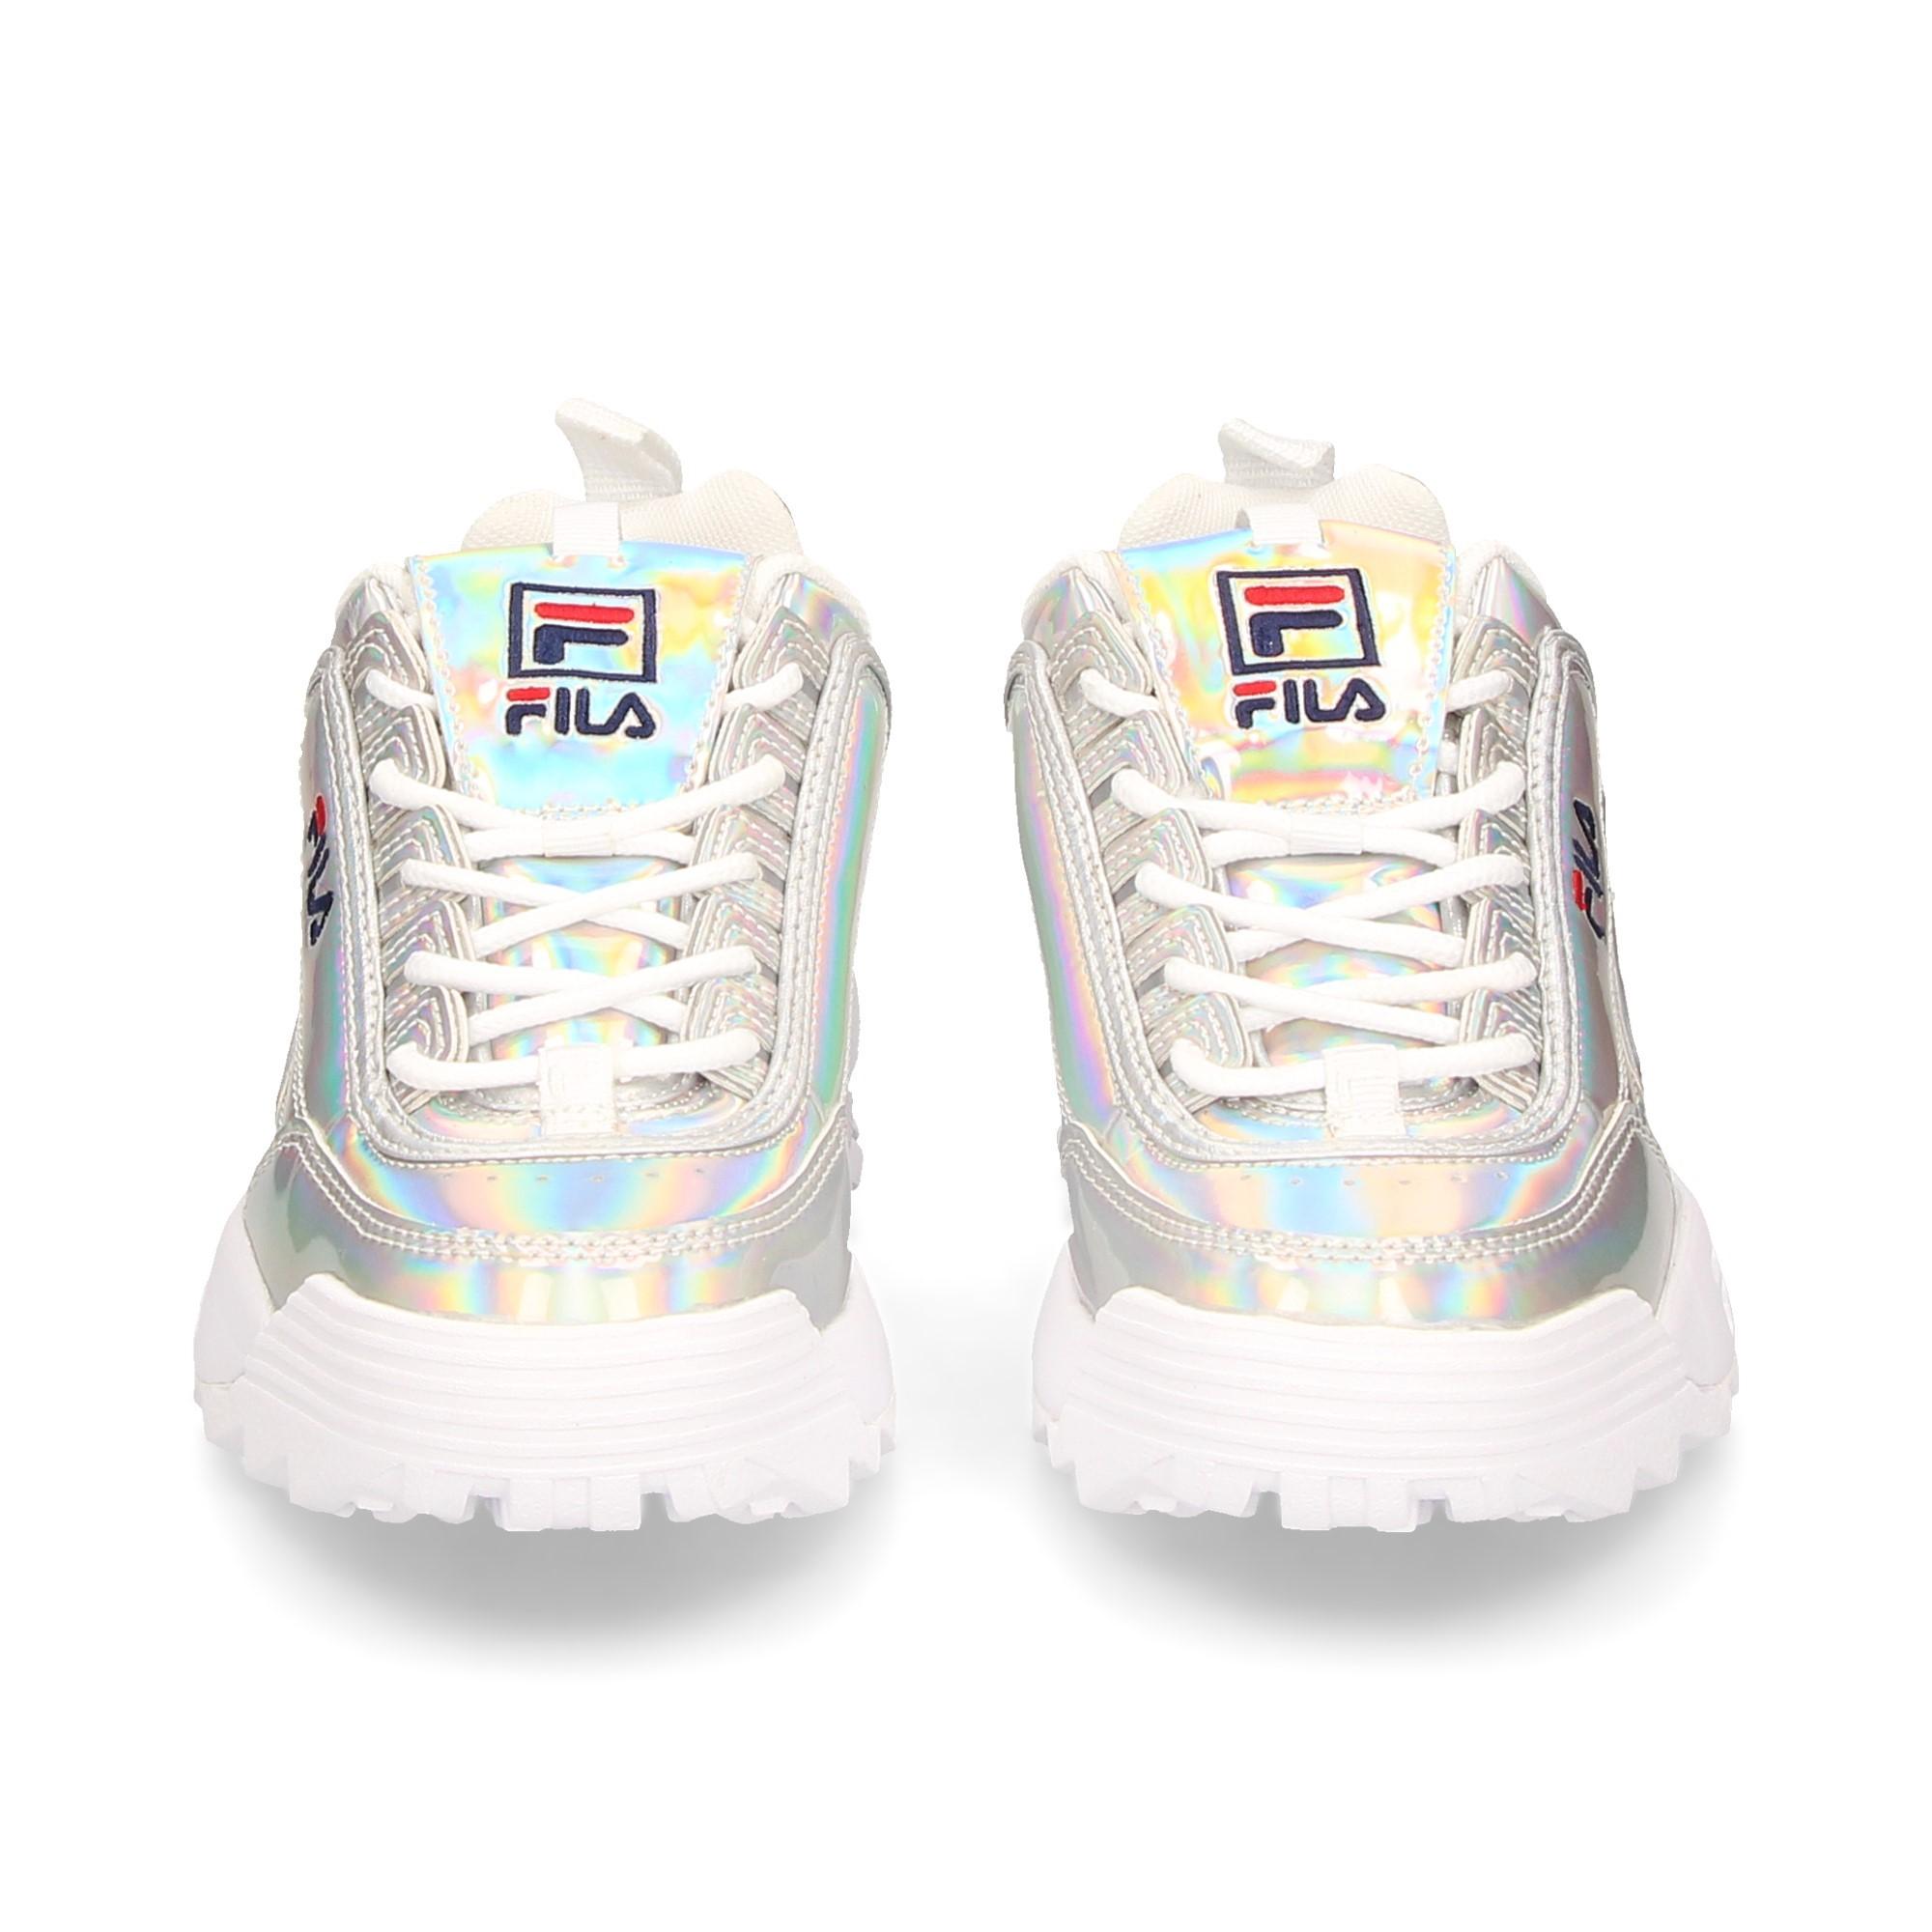 FILA Chaussures de sport pour femmes 1010747 SILVER